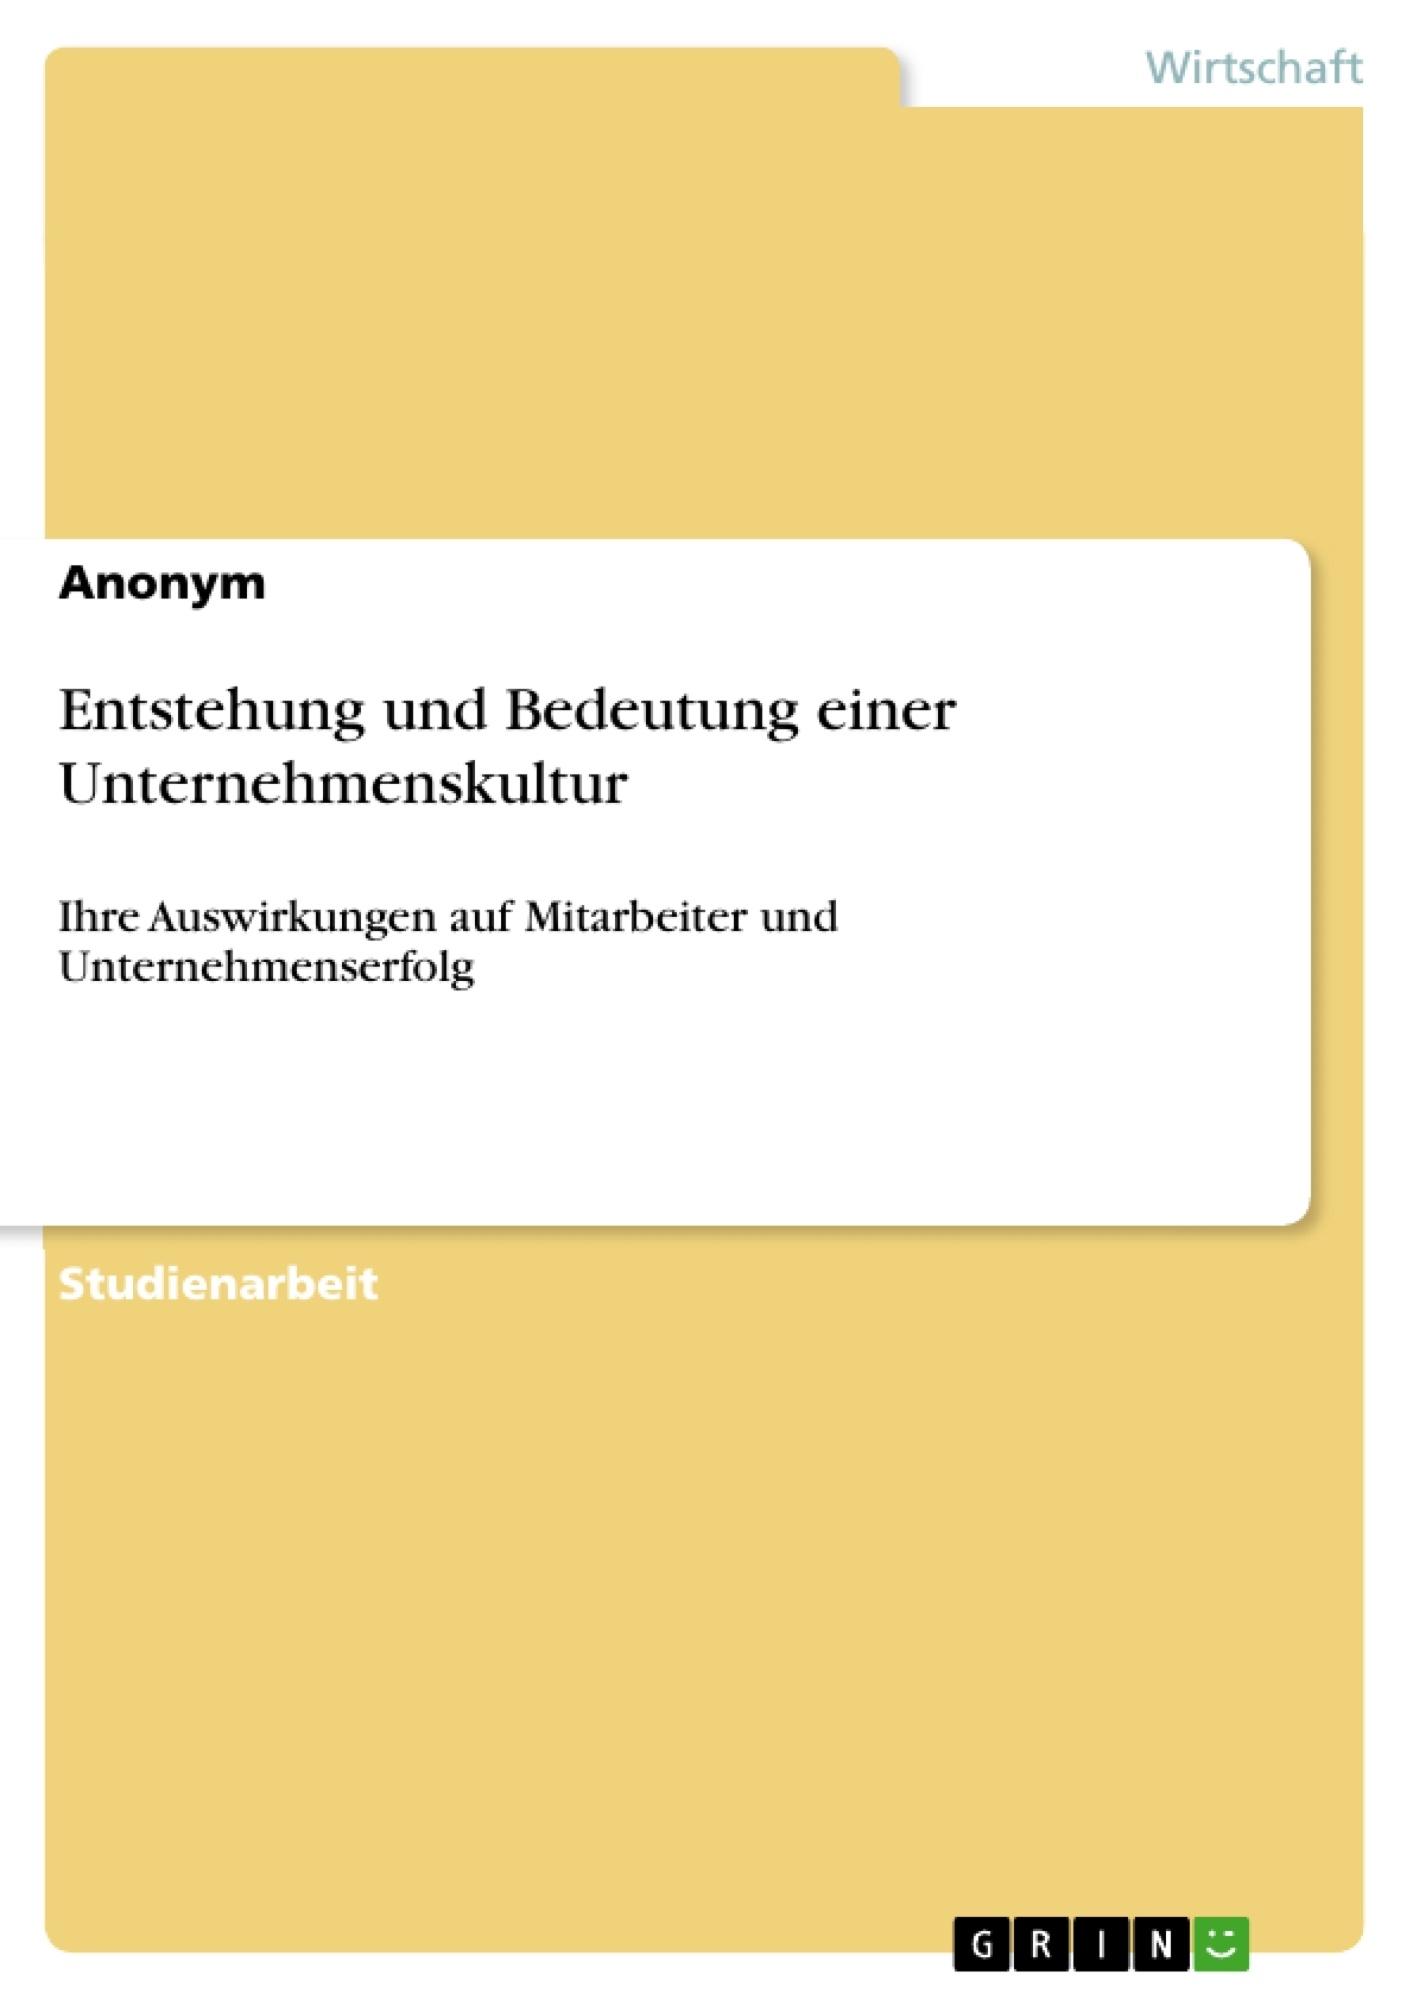 Titel: Entstehung und Bedeutung einer Unternehmenskultur